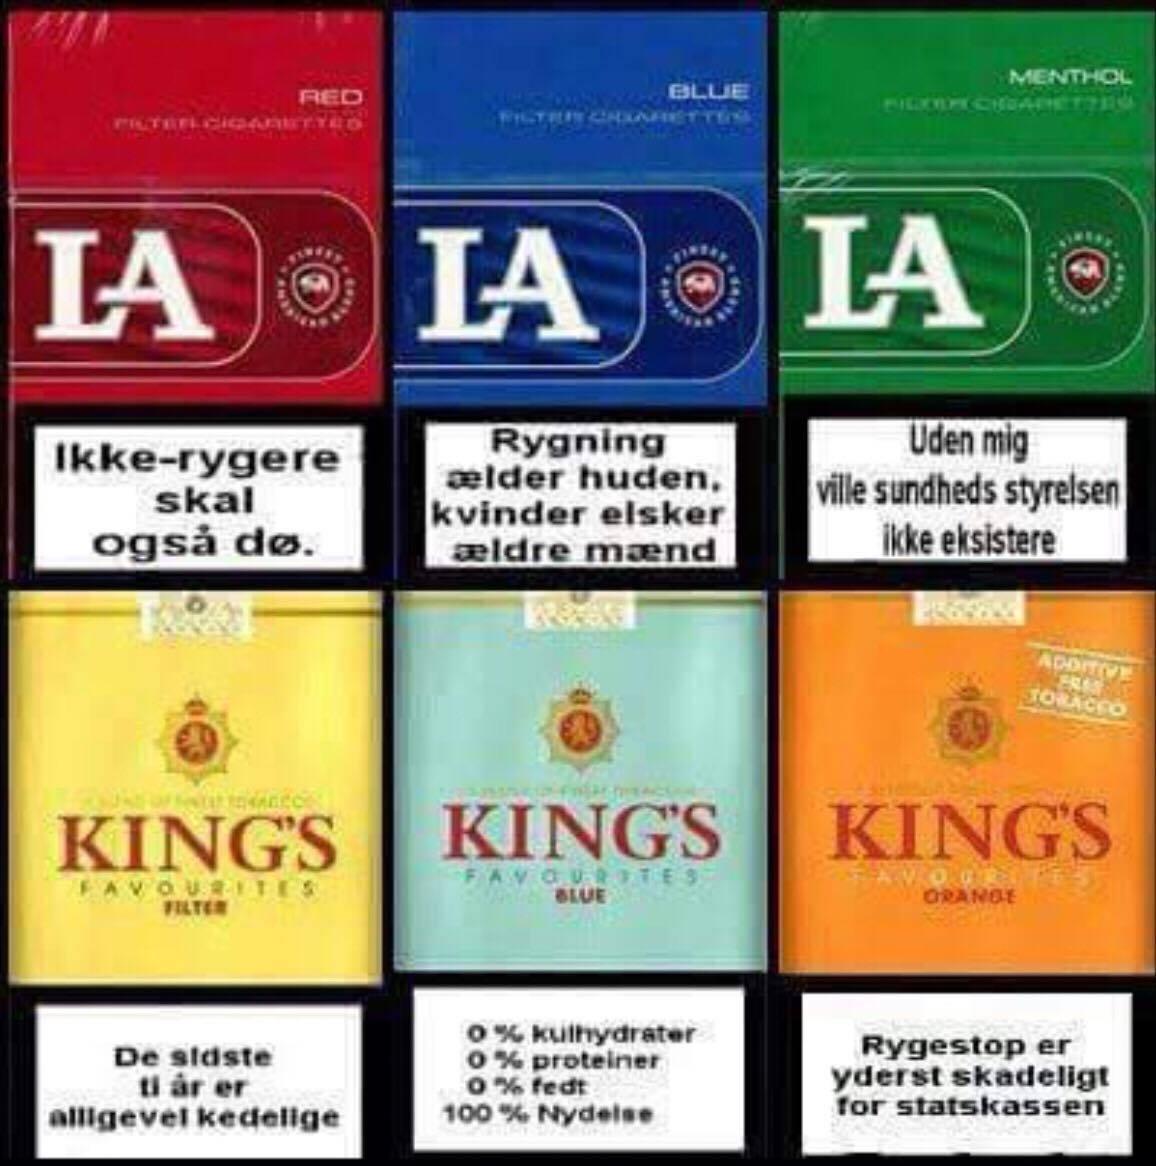 citater om rygning Vigtig   Dansk Humor når det er bedst, Visdom.dk deler nye sjove  citater om rygning